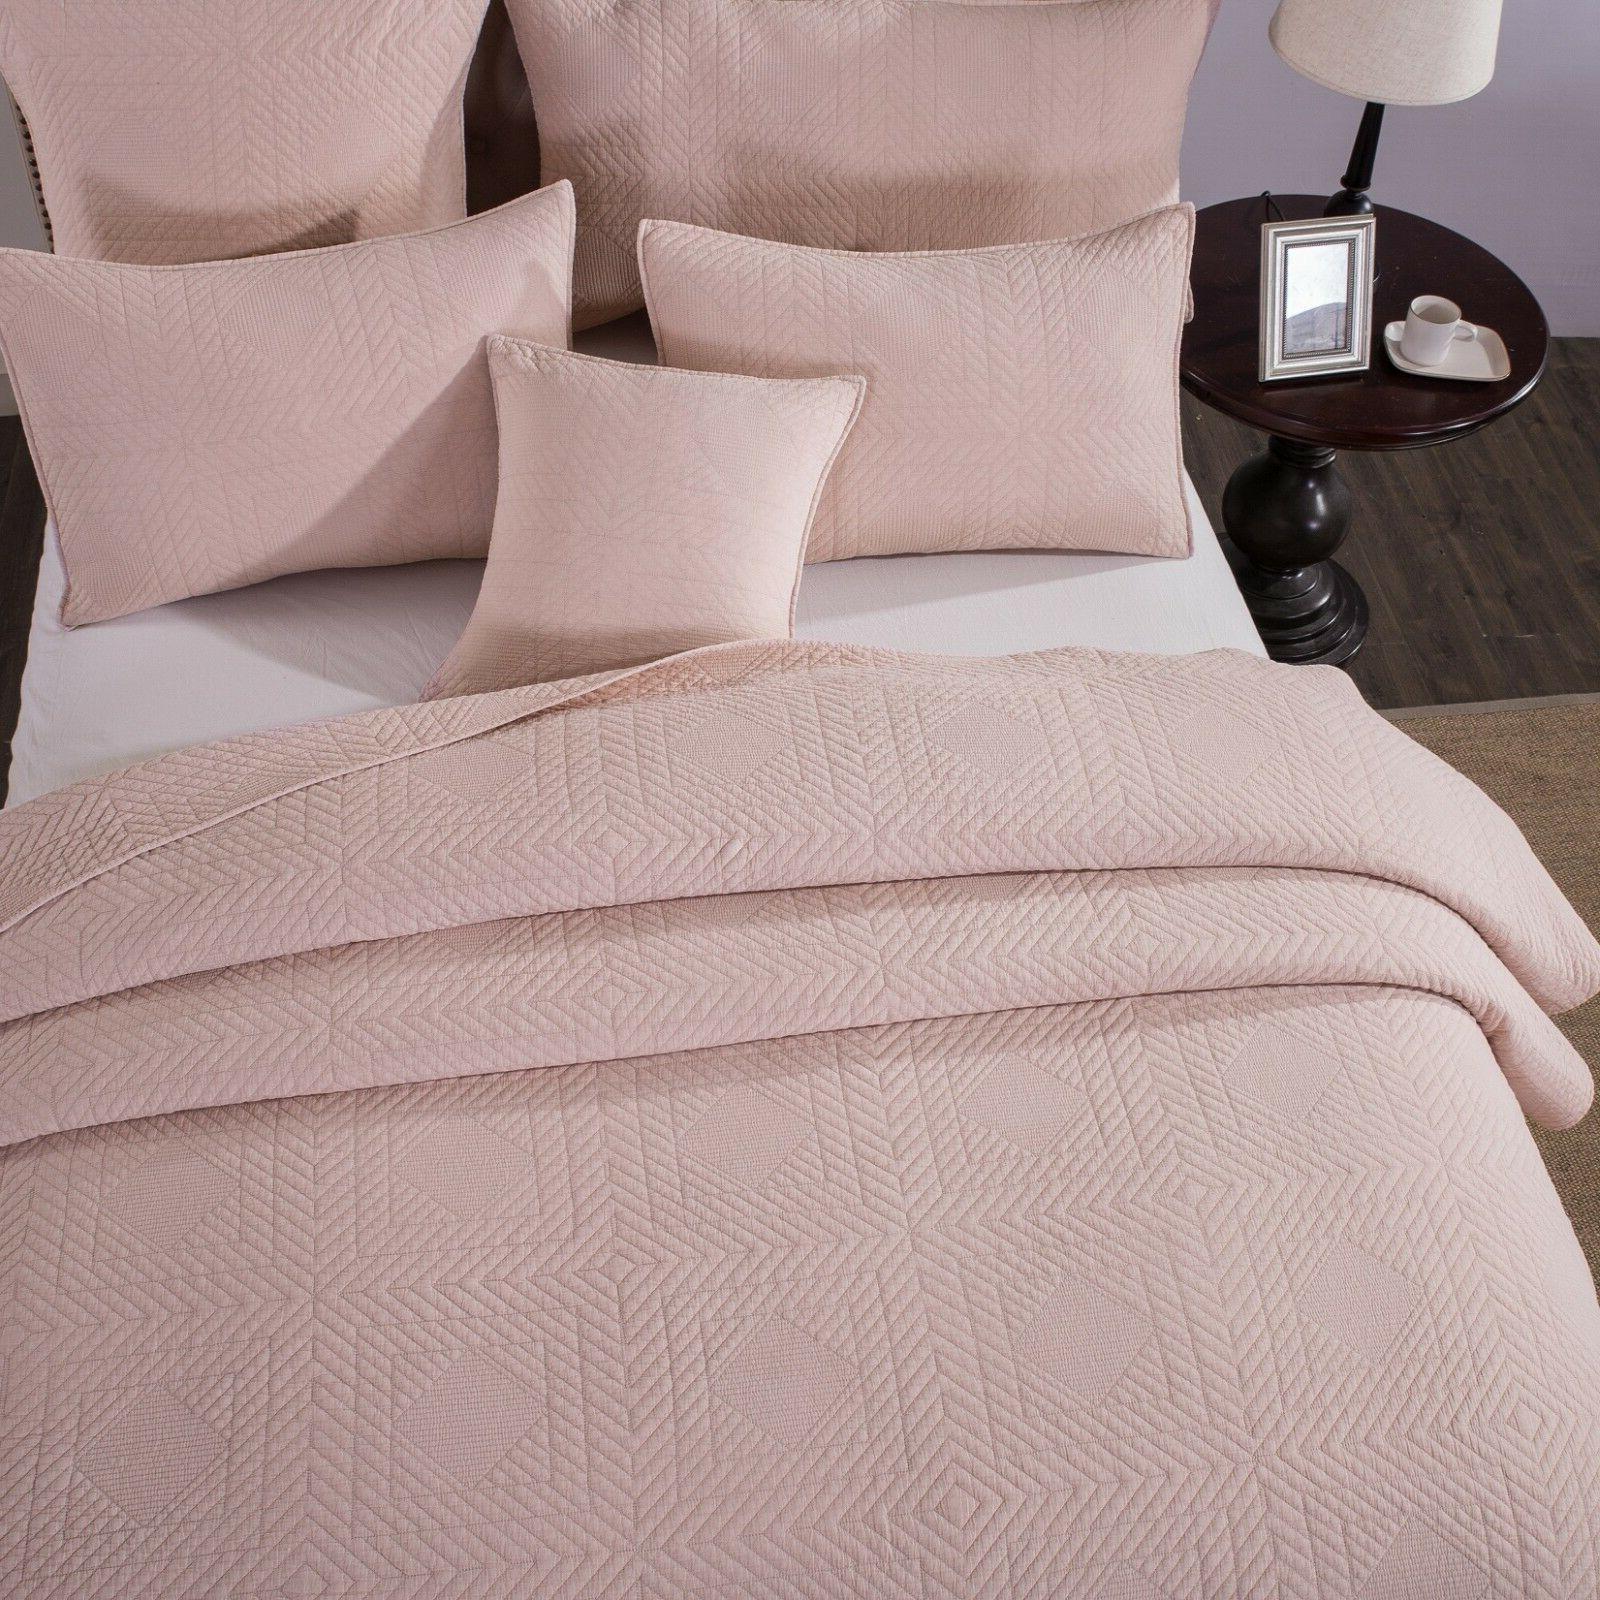 Tache Solid Pastel Cotton Bedspread Quilt